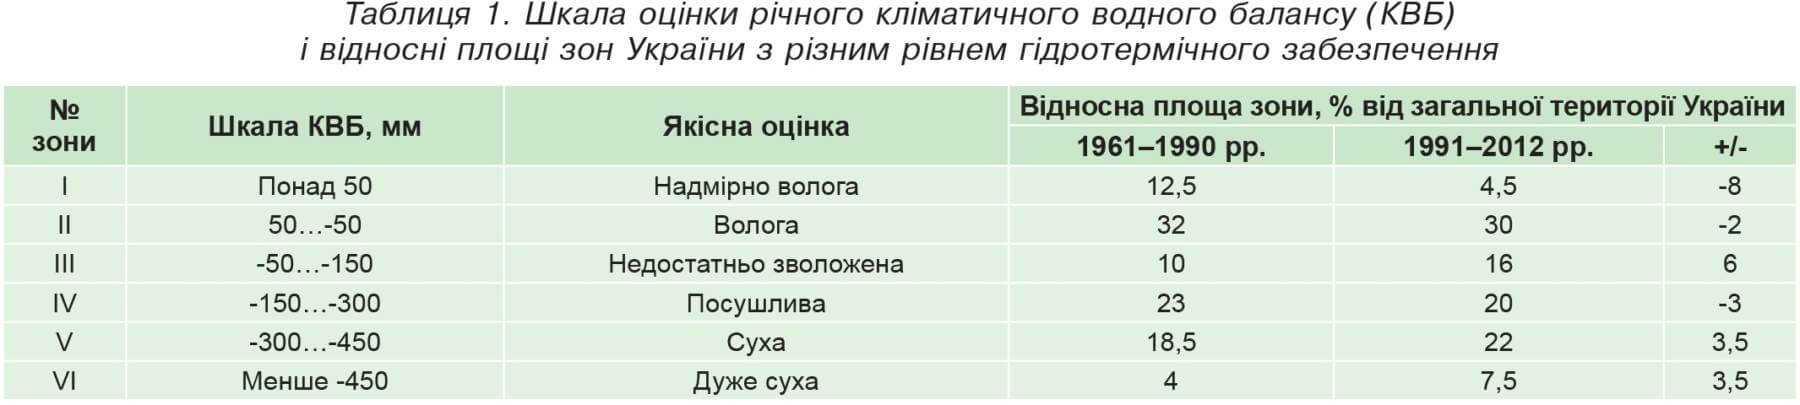 Таблиця 1. Шкала оцінки річного кліматичного водного балансу (КВБ)і відносні площі зон України